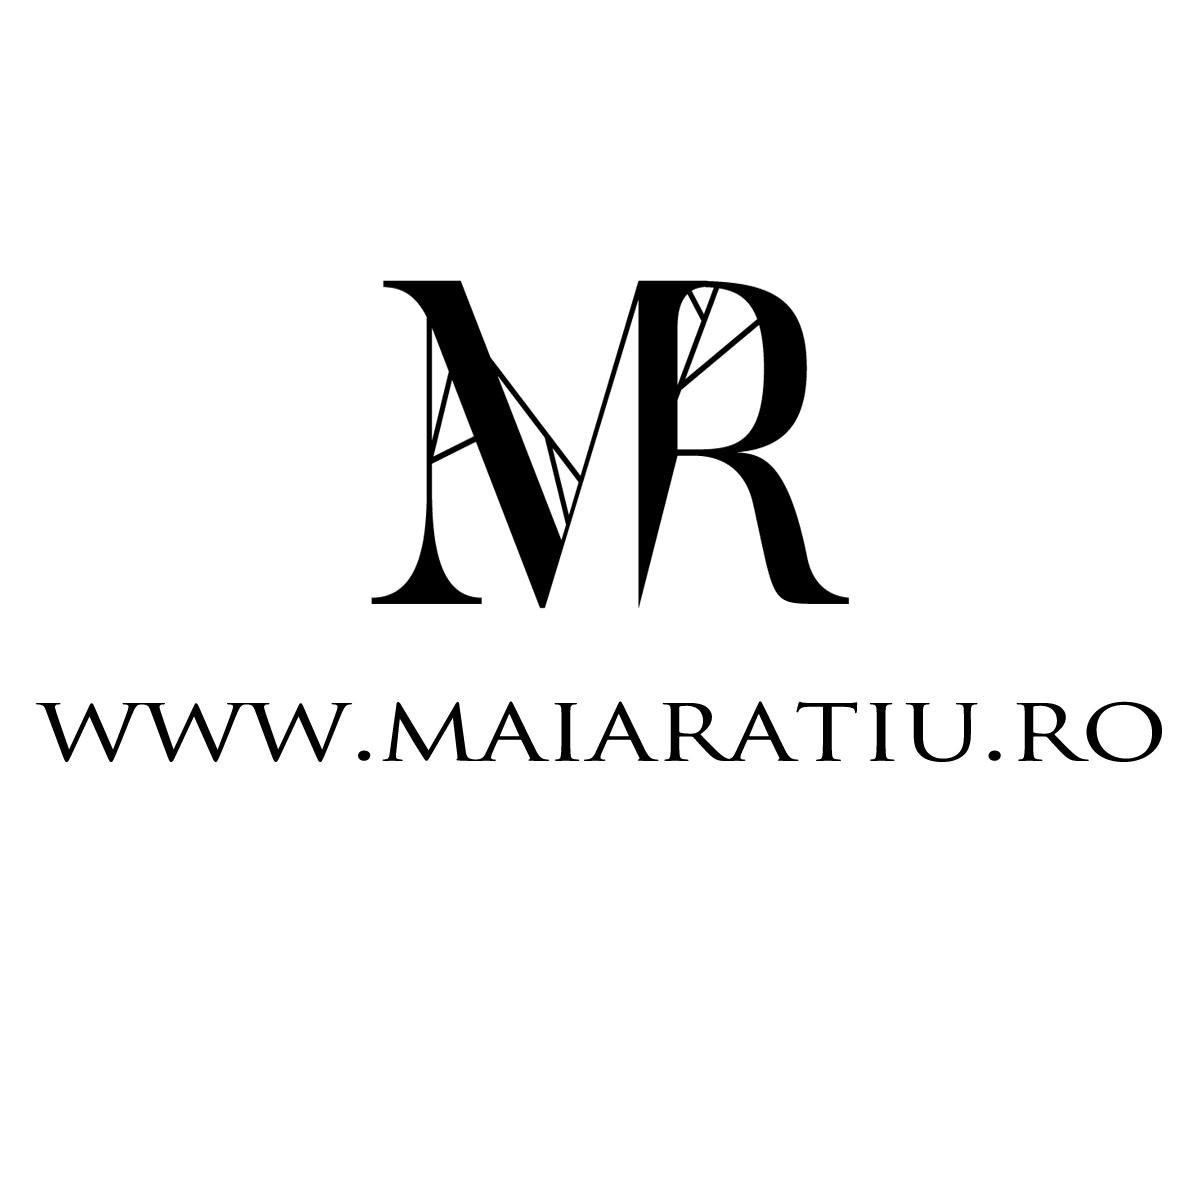 www.maiaratiu.ro